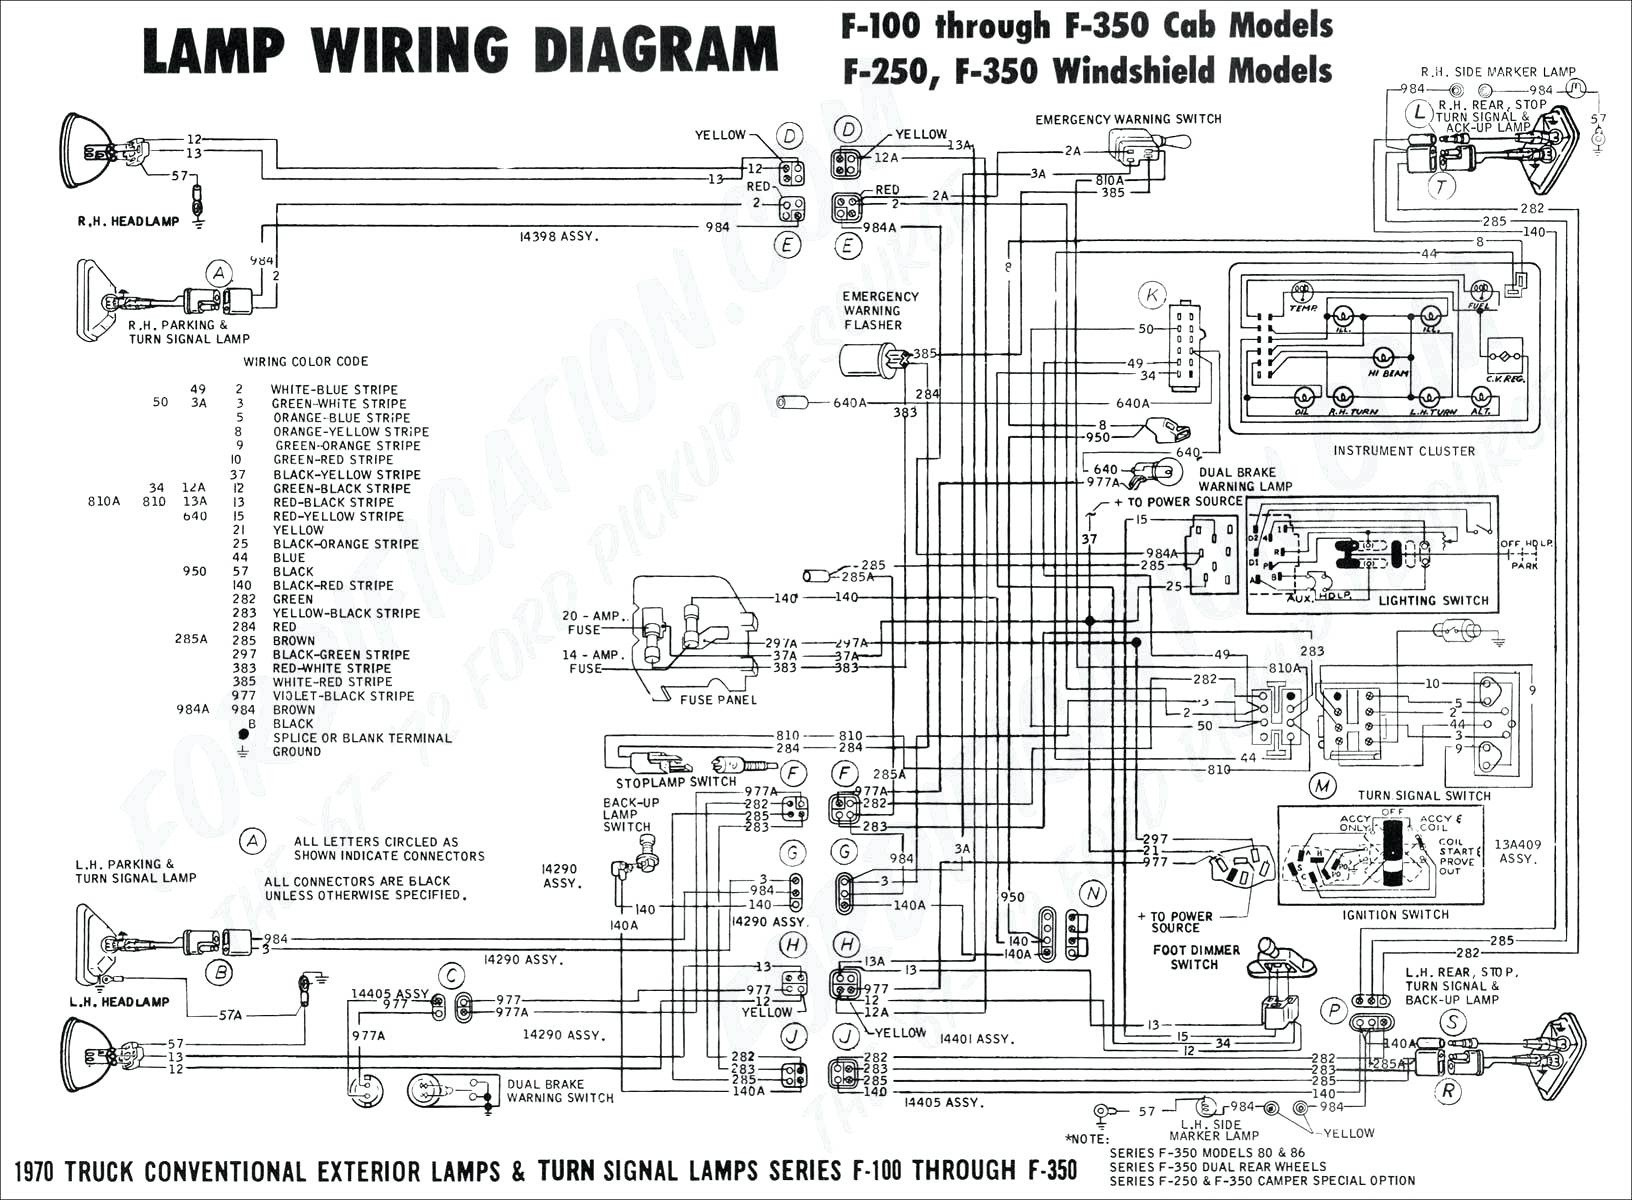 1997 Cadillac Deville Engine Diagram Special 2001